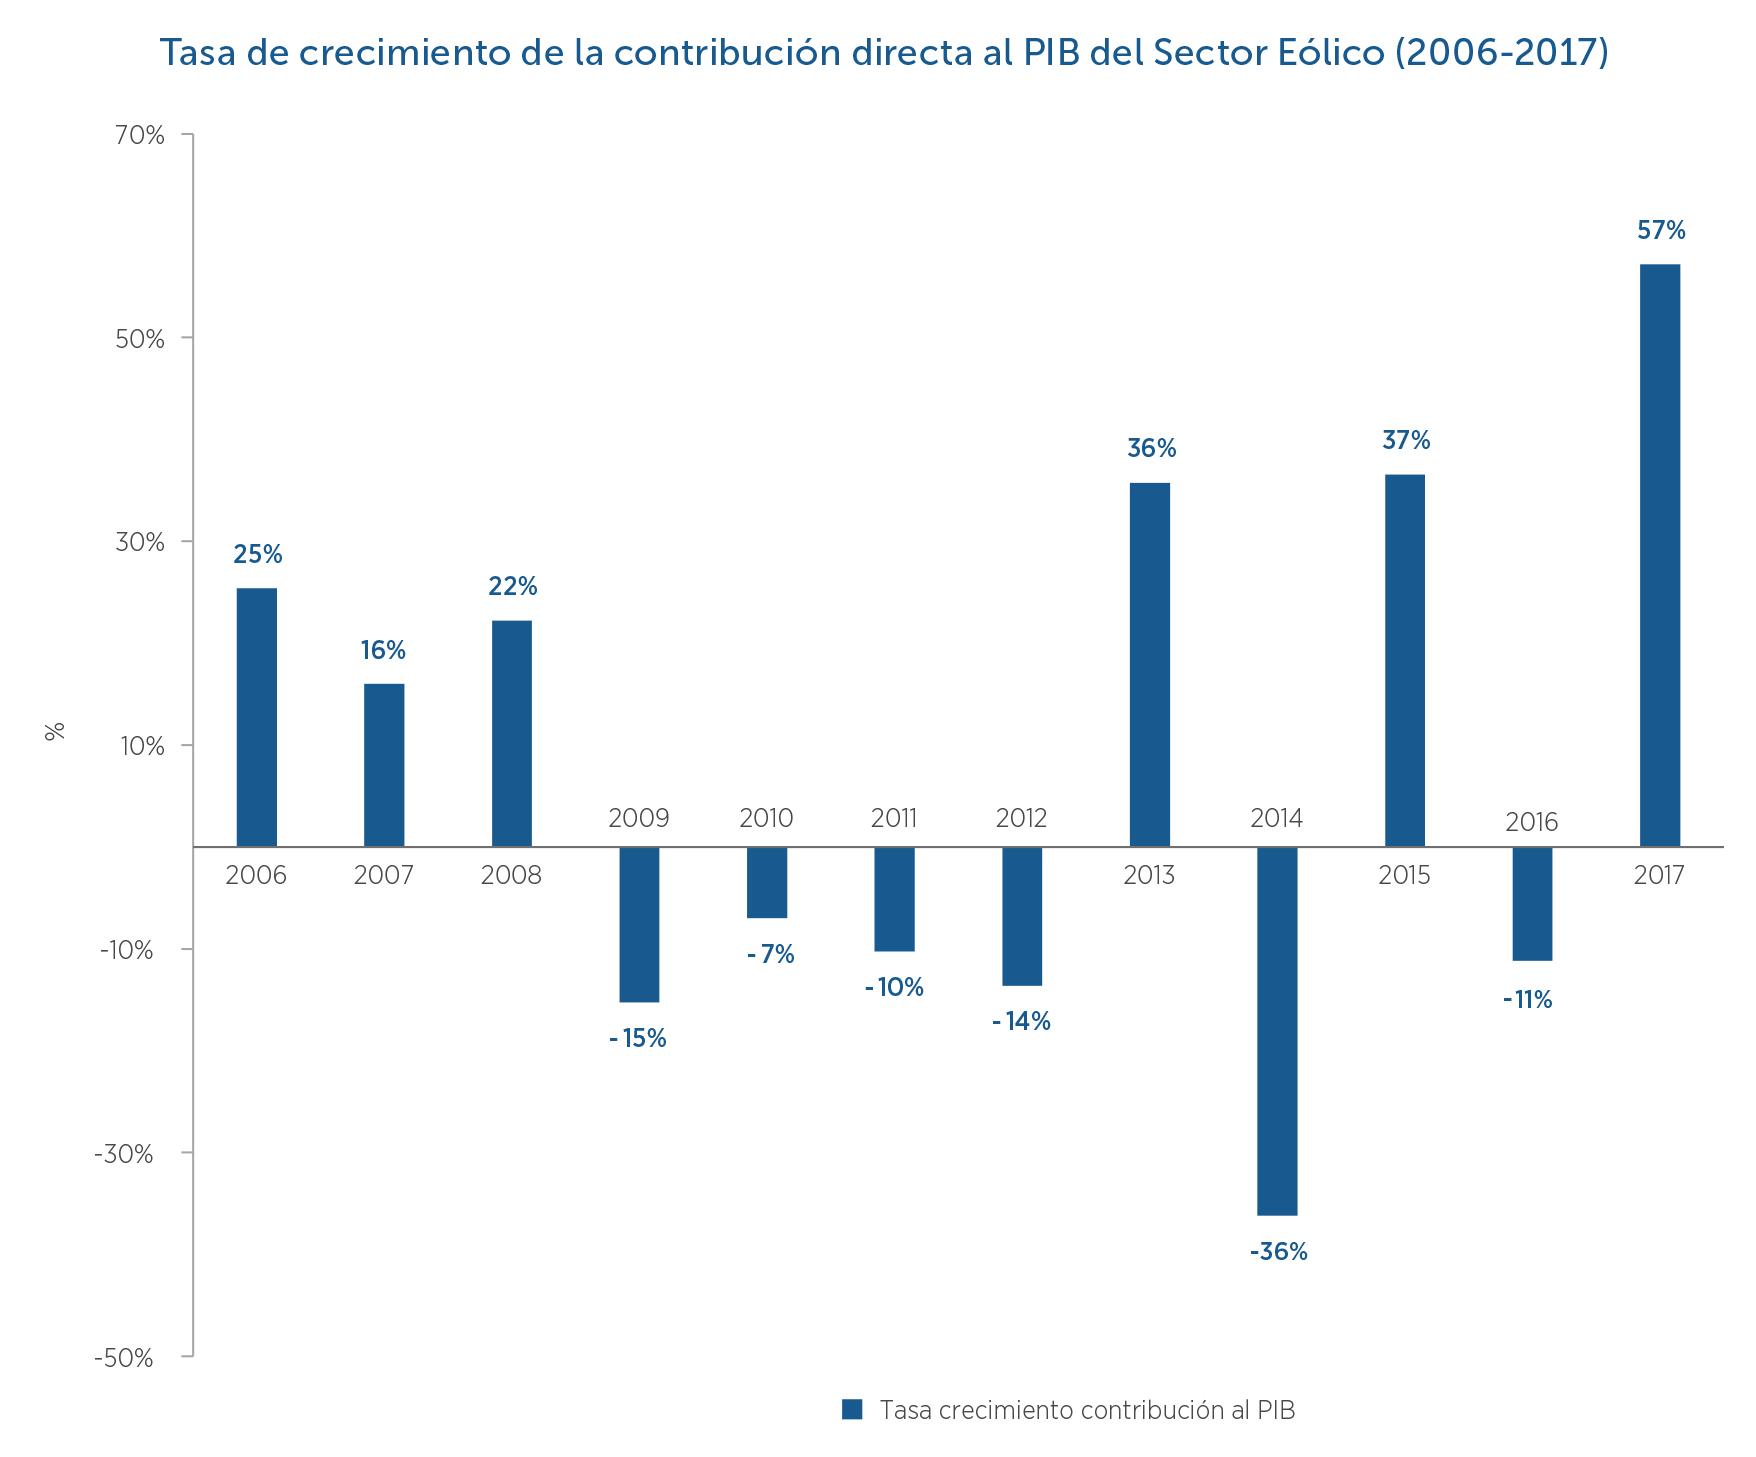 5-Tasa-de-crecimiento-contribucion-directa-al-PIB